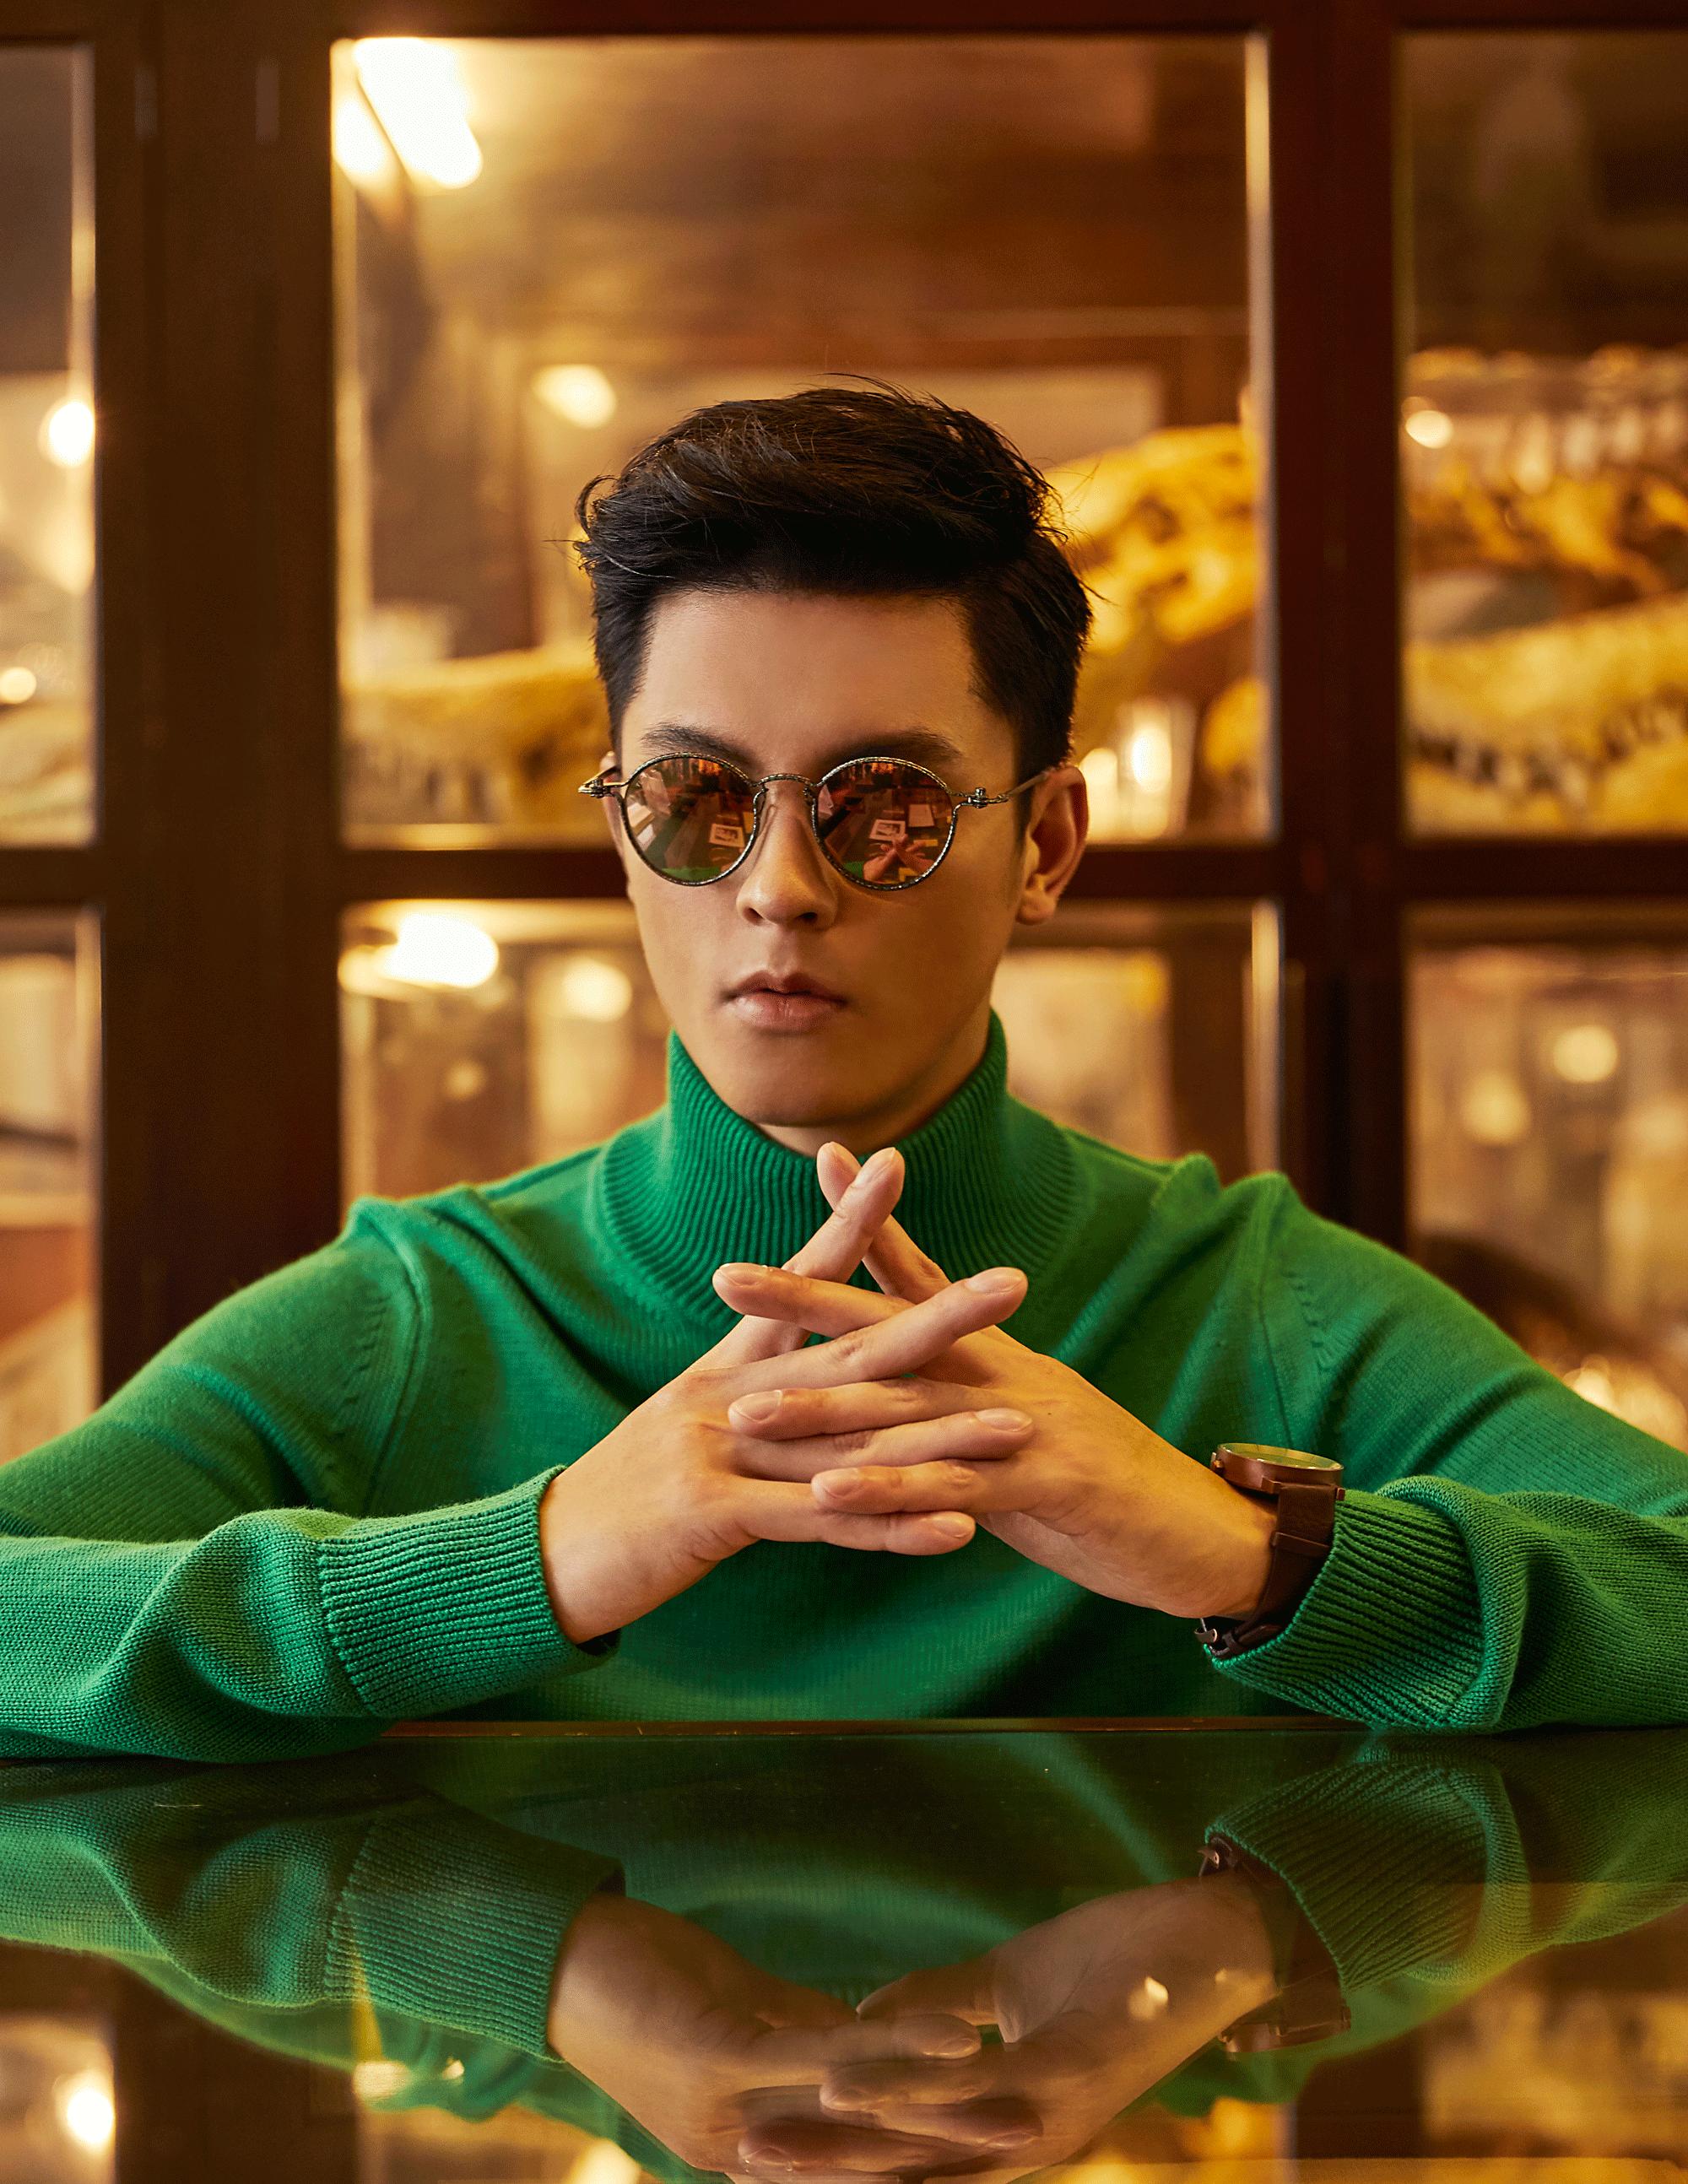 sweater : CK Calvin Klein / sunglasses : TAVAT / watch : FORREST